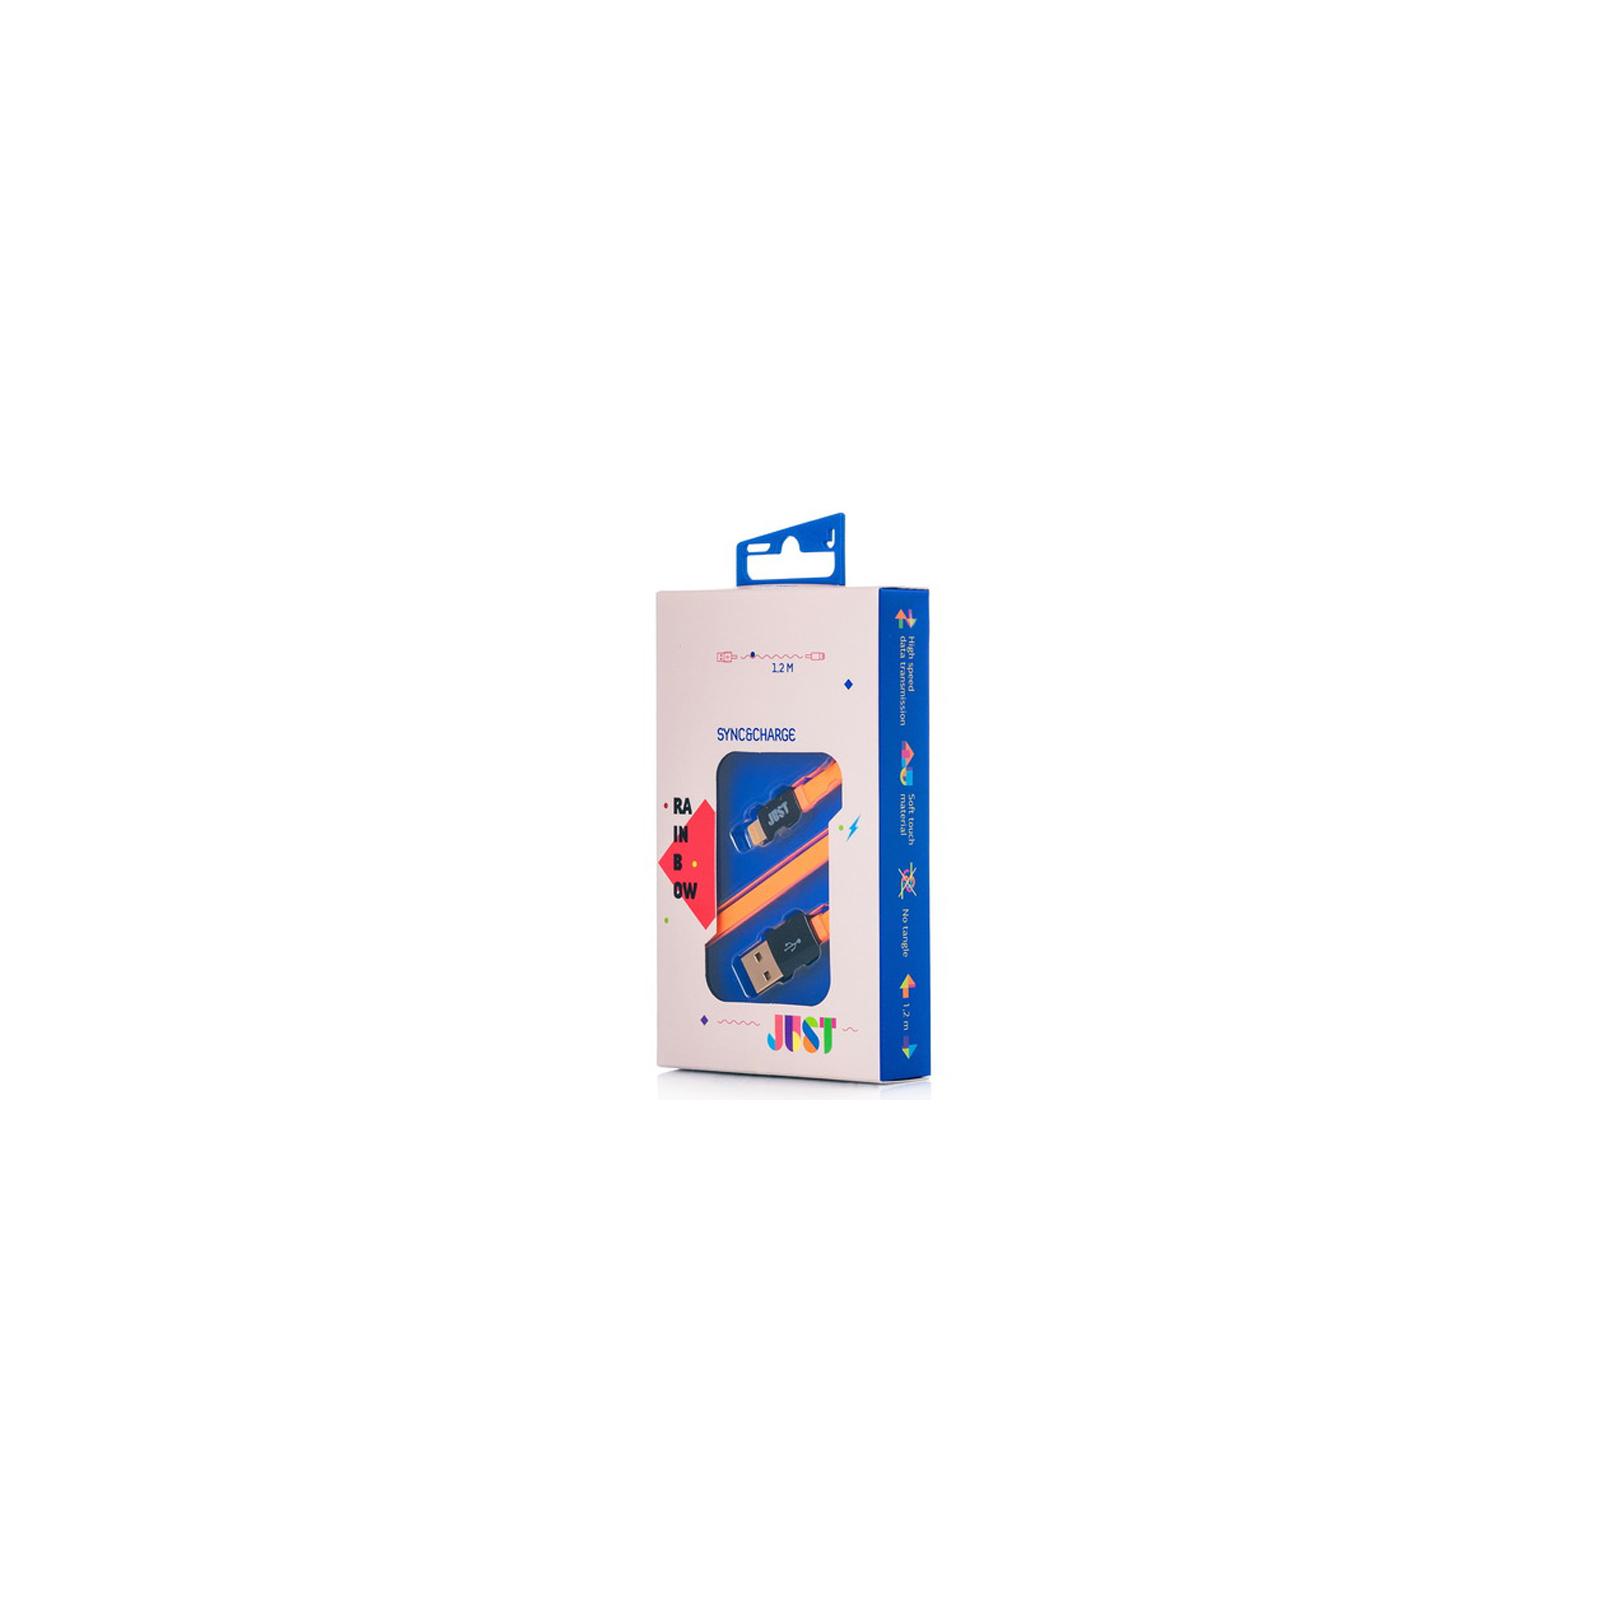 Дата кабель JUST Rainbow Lightning USB Cable Orange (LGTNG-RNBW-RNG) изображение 2